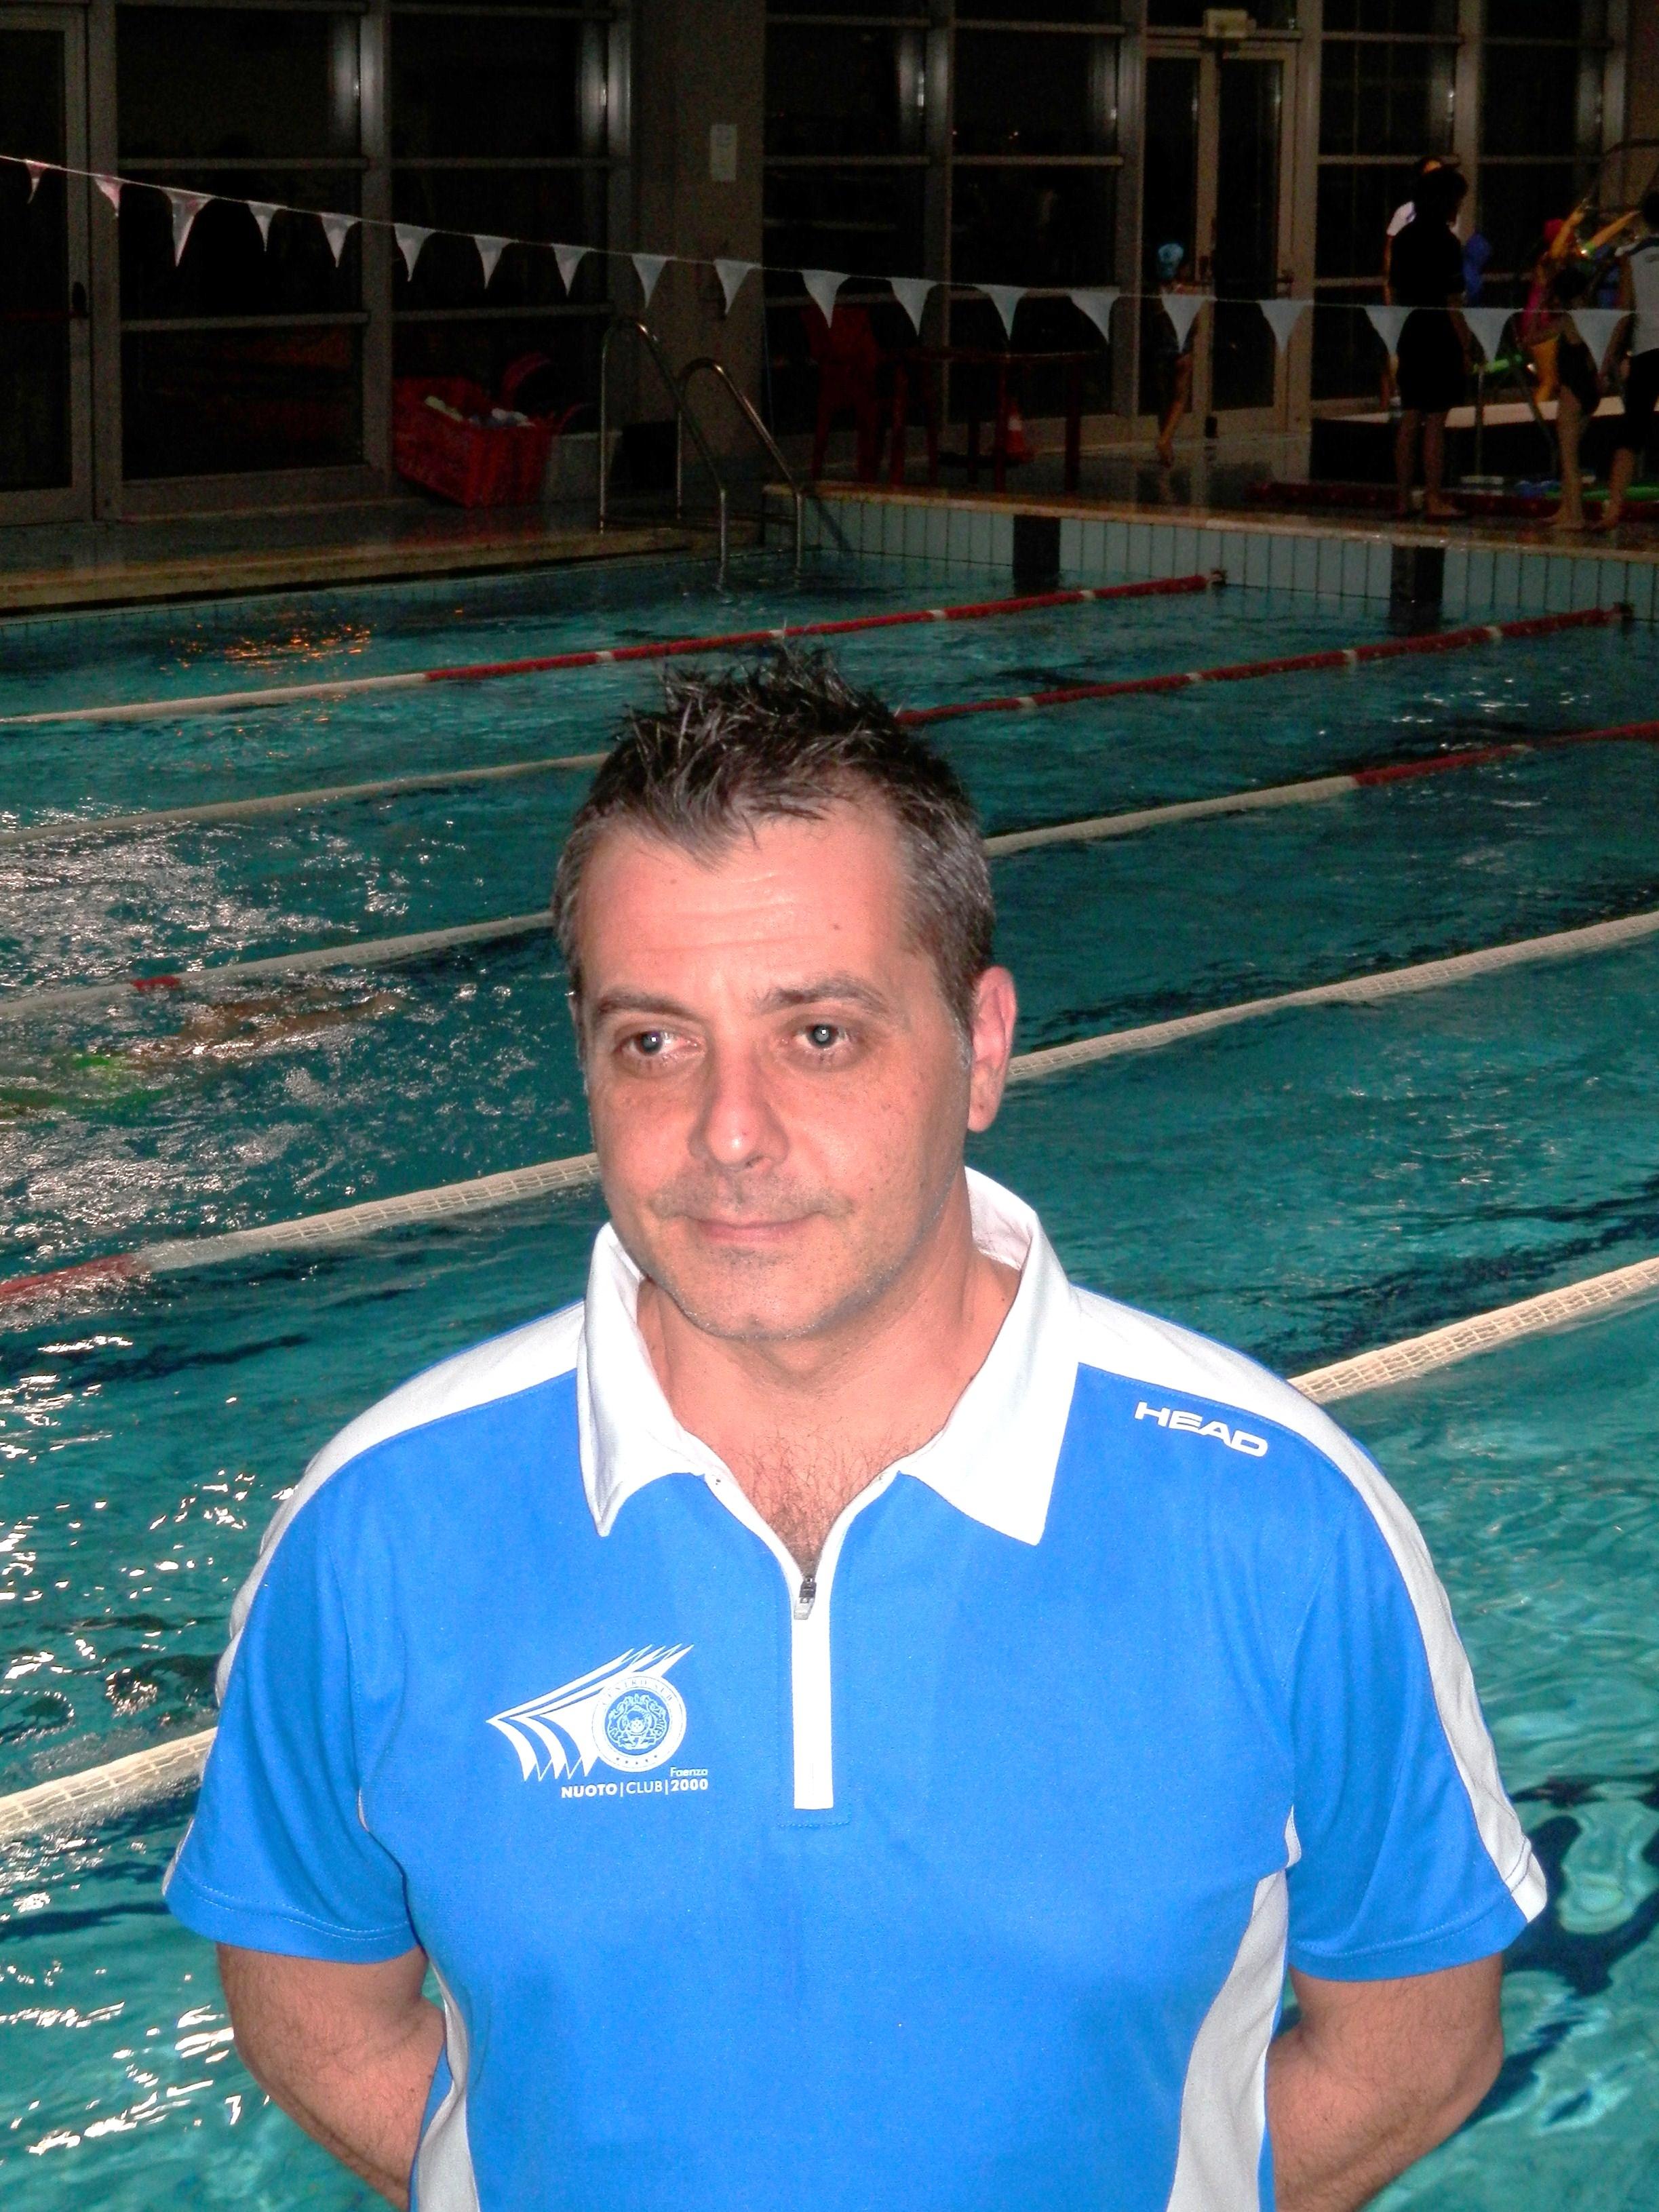 Giorgio Maccolini